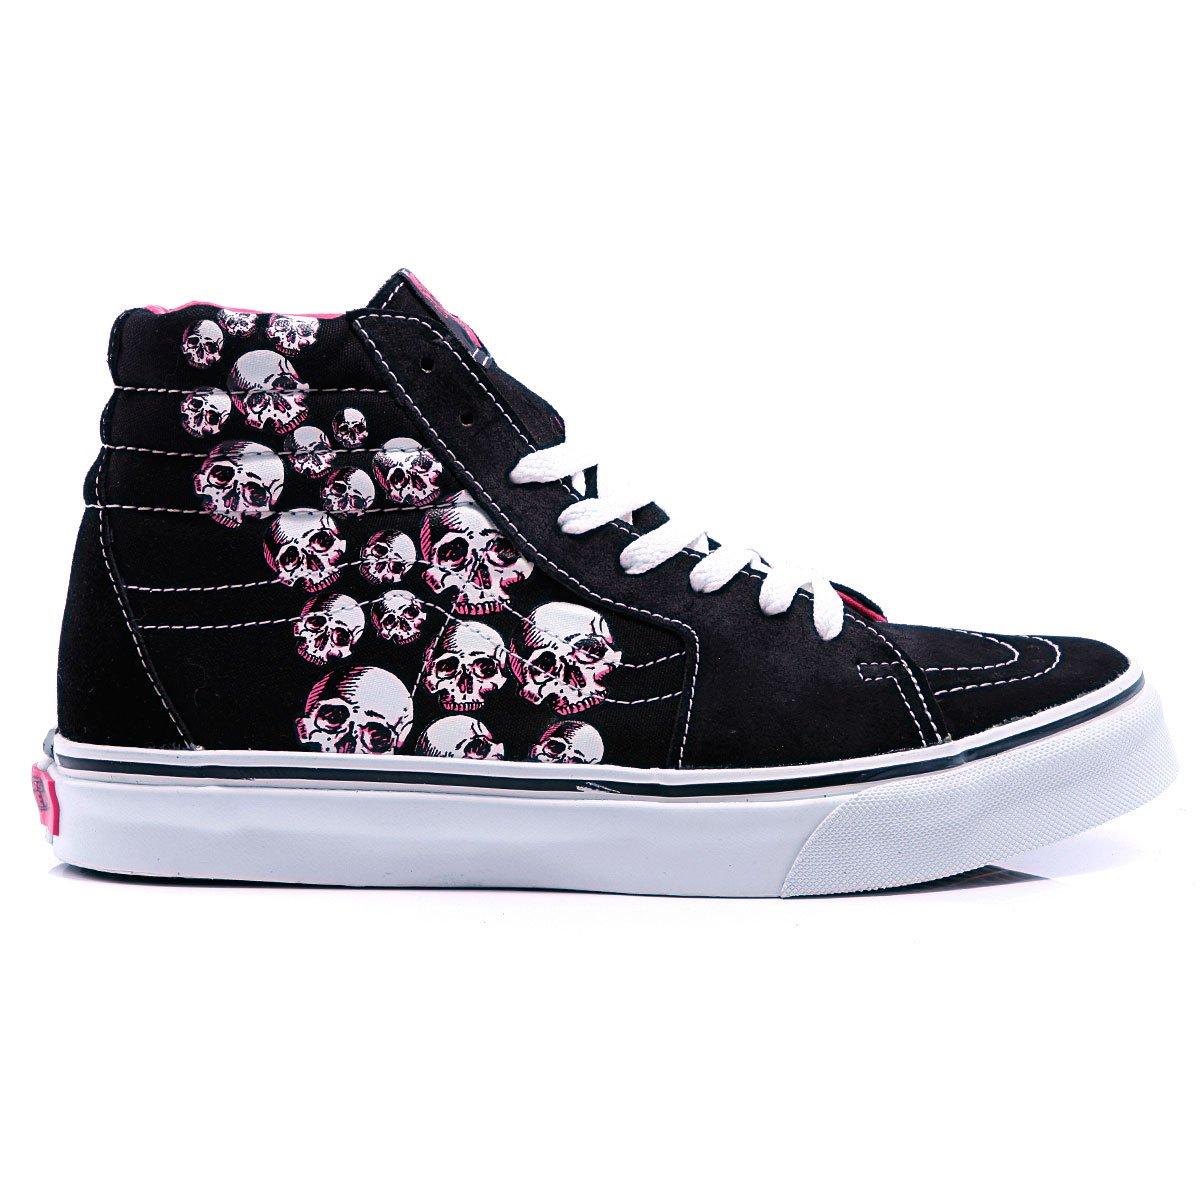 Купить кеды высокие Vans Sk8 Hi Black Neon Pink (070711vans44) в ... 2bd5909db38